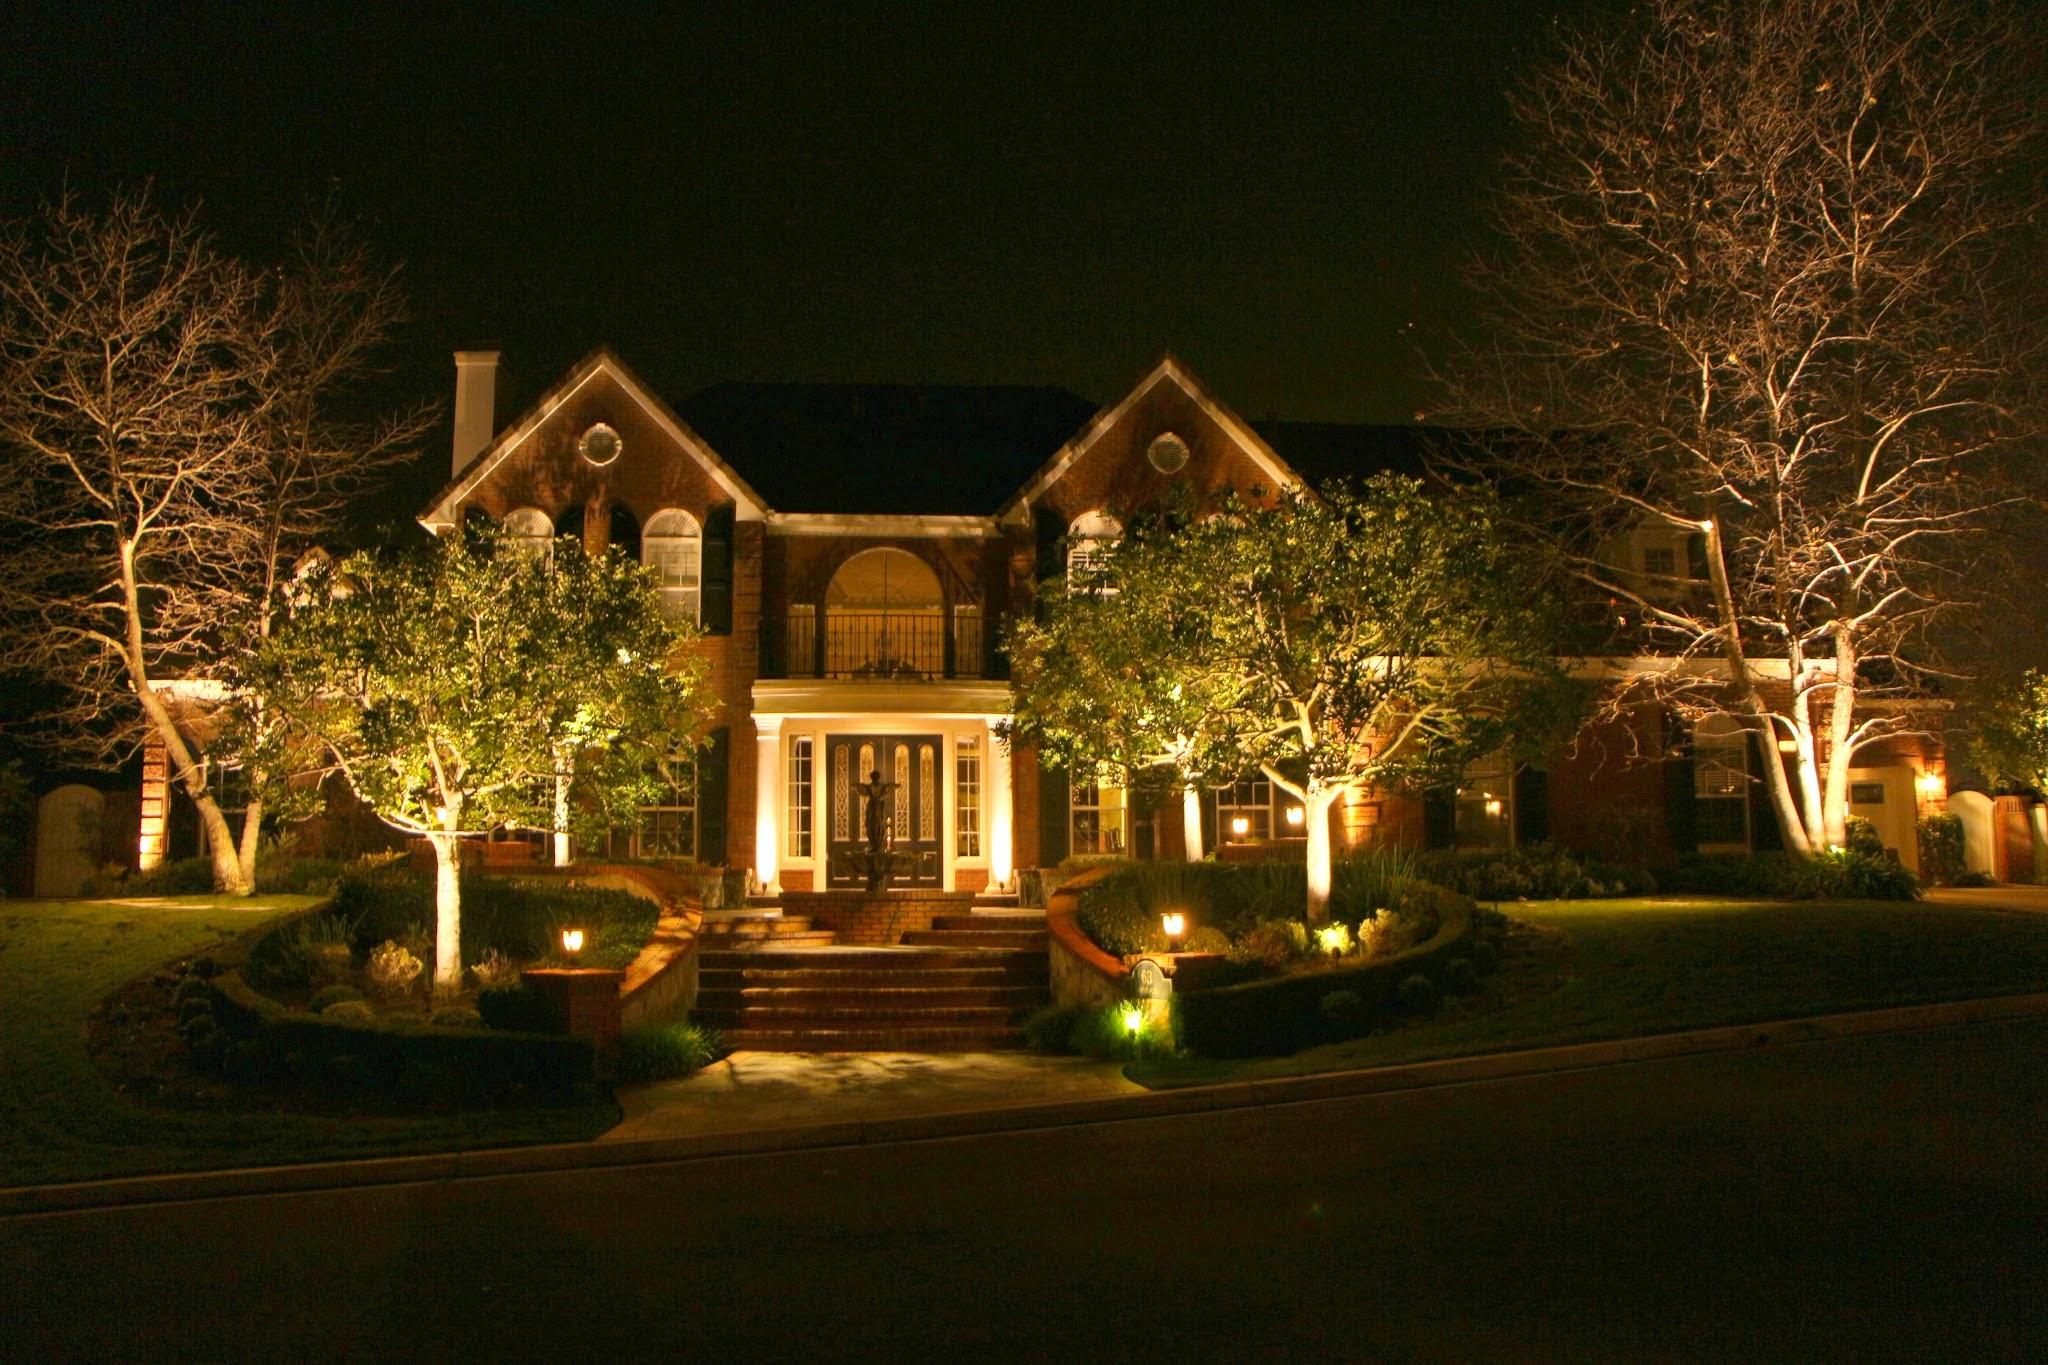 Landscape Lights Led Landscape Lighting For Concept Led Outdoor Event  Lighting And Led Landscape Lighting Amazon